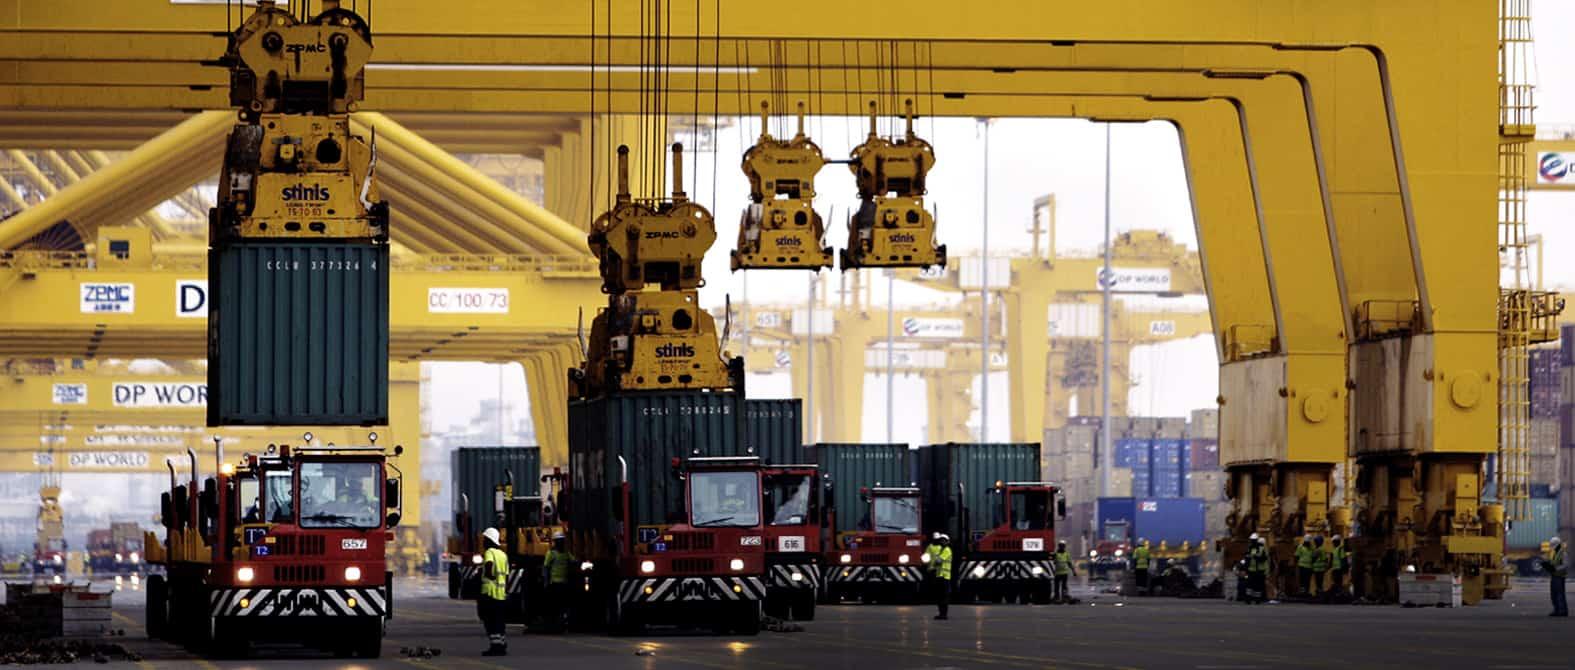 Ship to Shore Crane Spreaders